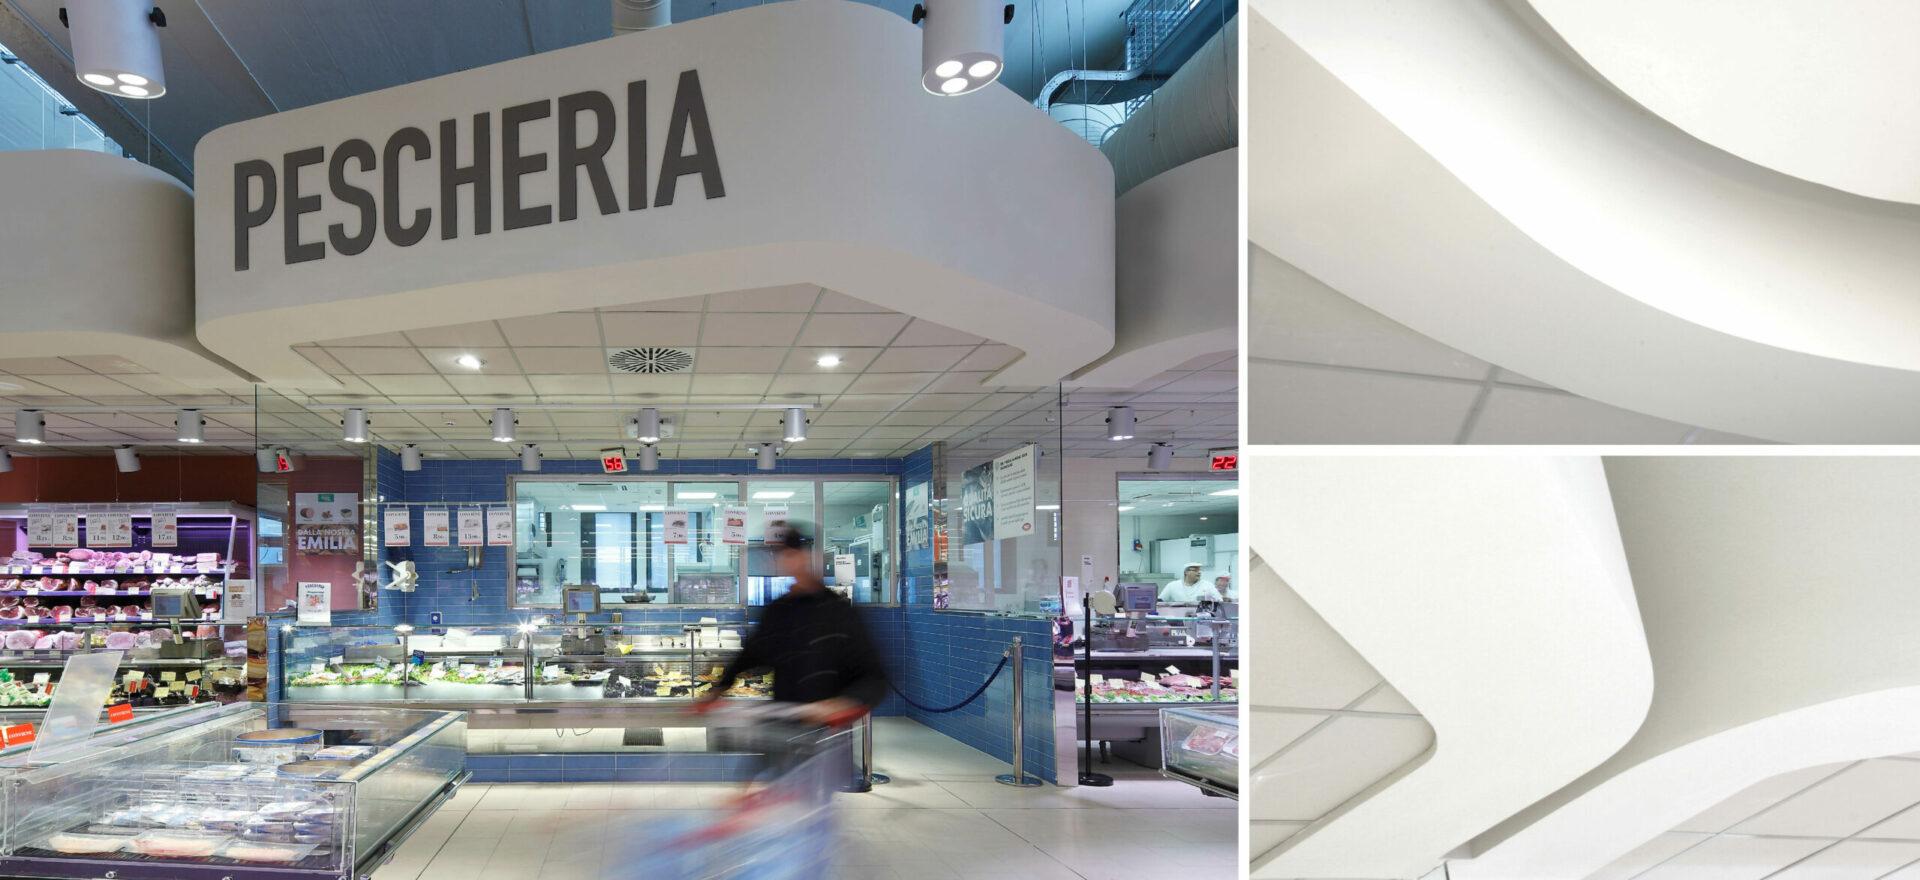 Pescheria   Graphic & Interior Design   Branding   Coop Italia  Mario Trimarchi Design   Fragile